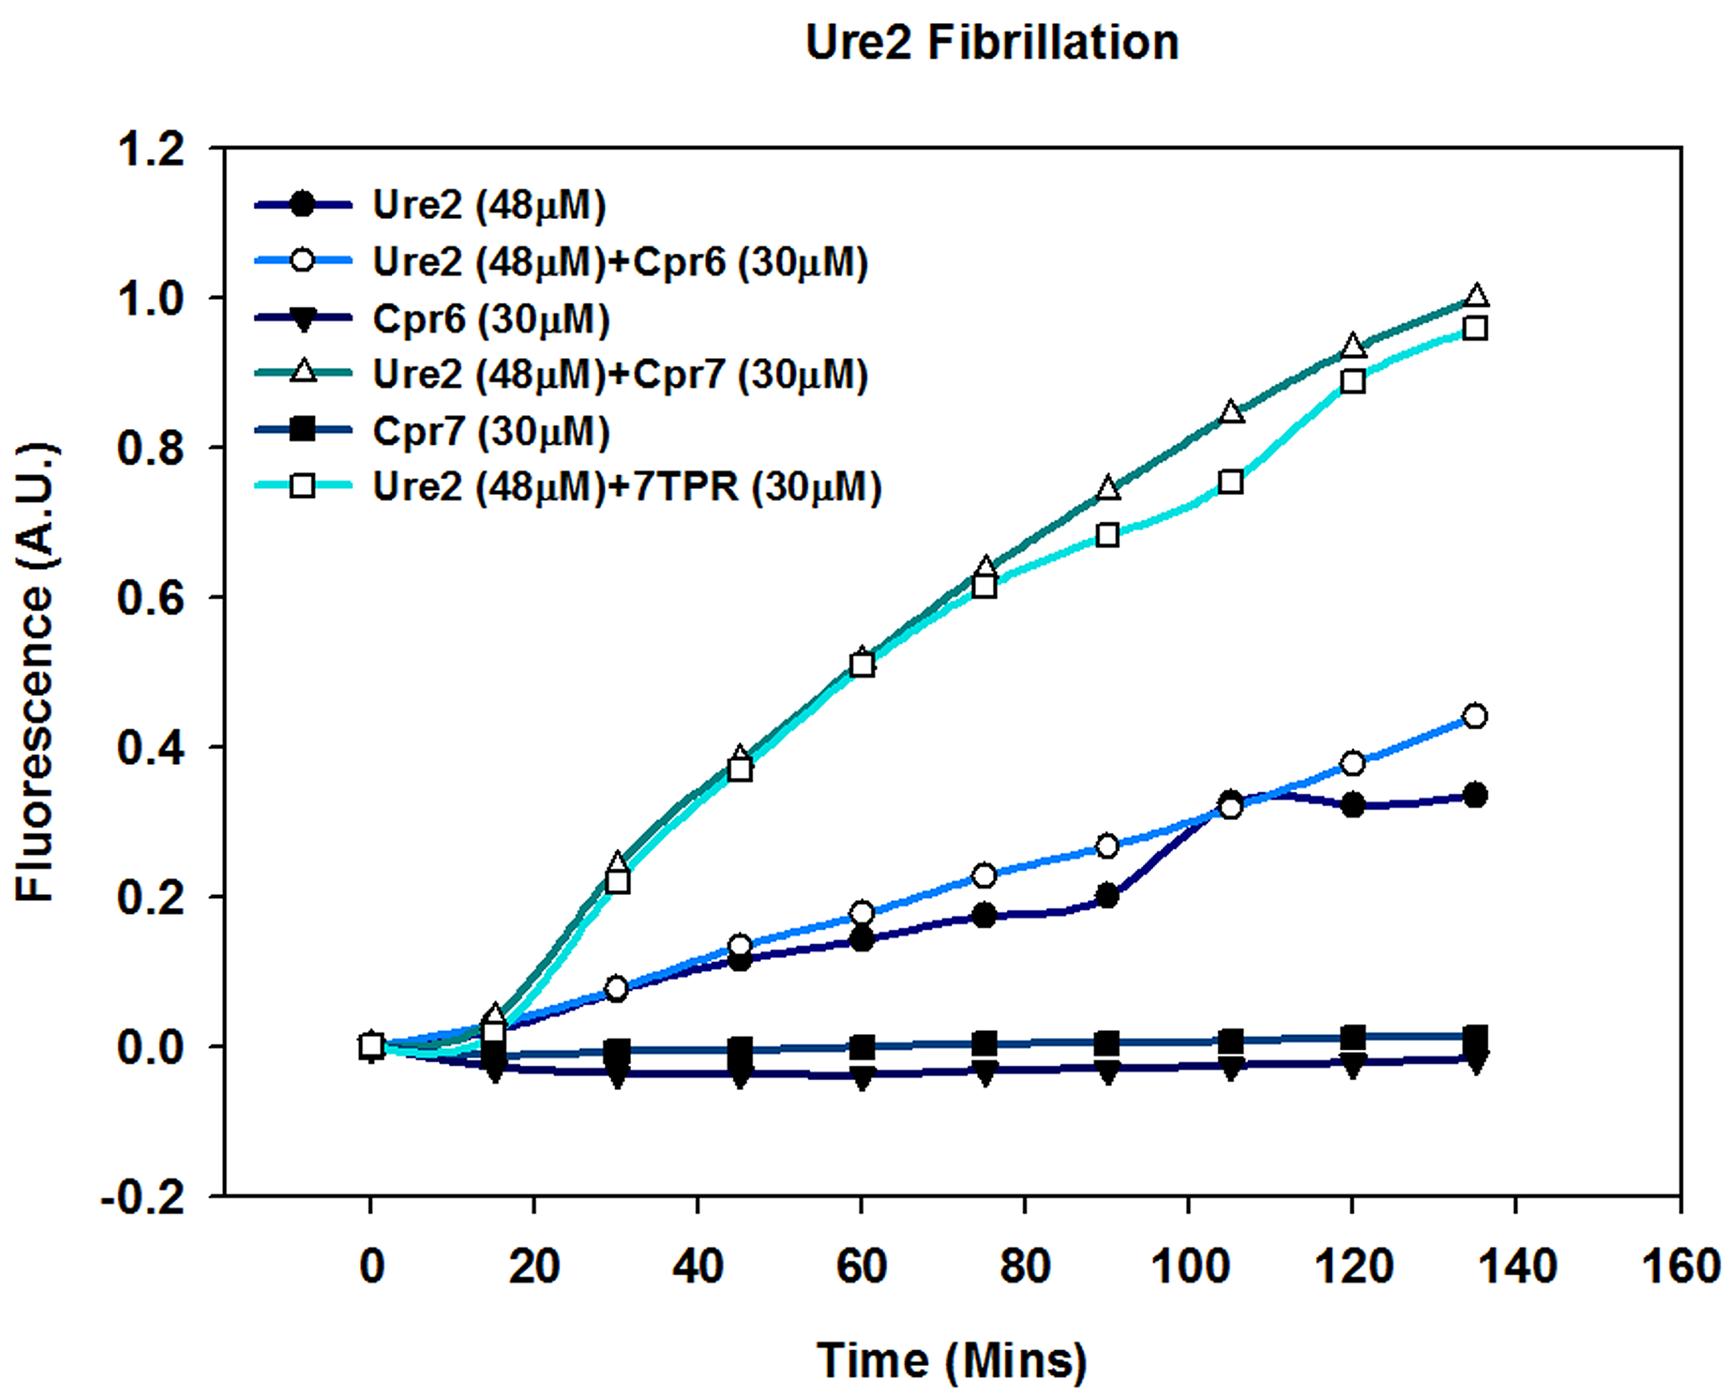 Cpr7 enhances in vitro fibrillization of Ure2.